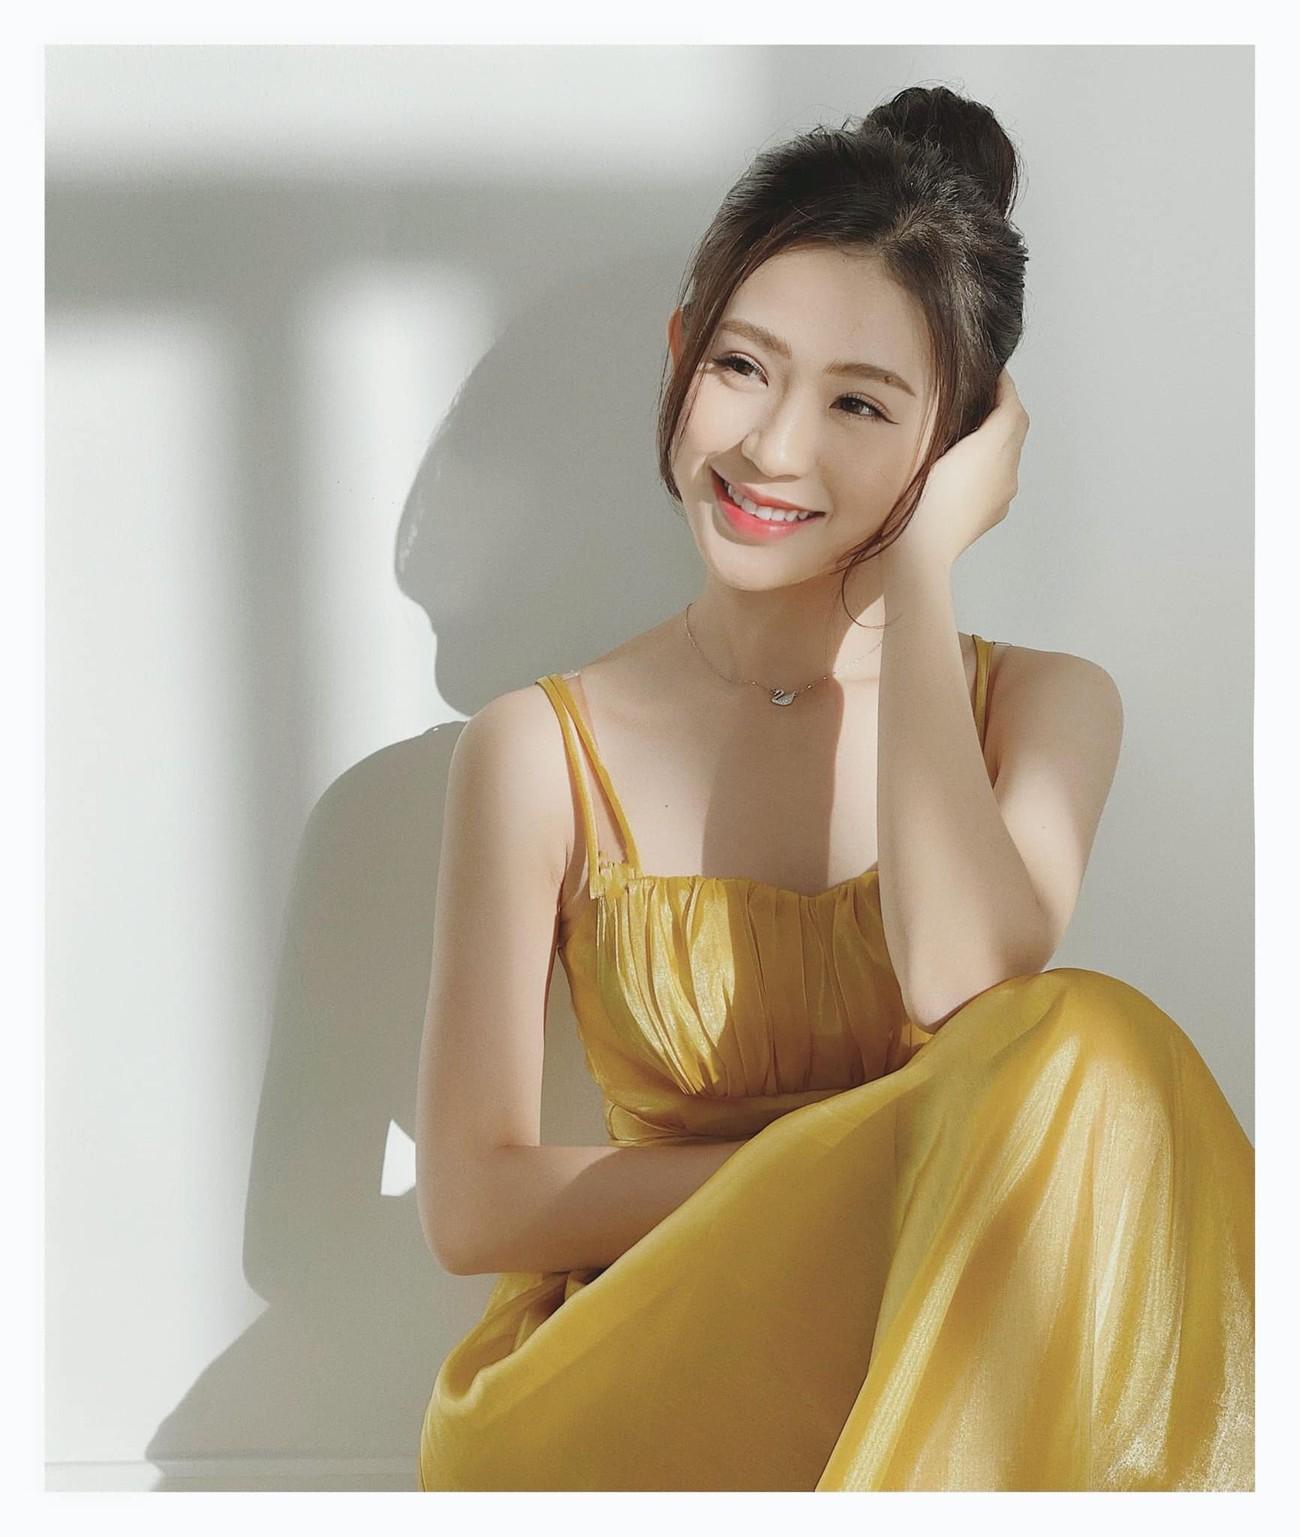 Nhan sắc tựa nàng thơ của 'Người đẹp được yêu thích nhất' Hoa hậu Việt Nam 2020 ảnh 5